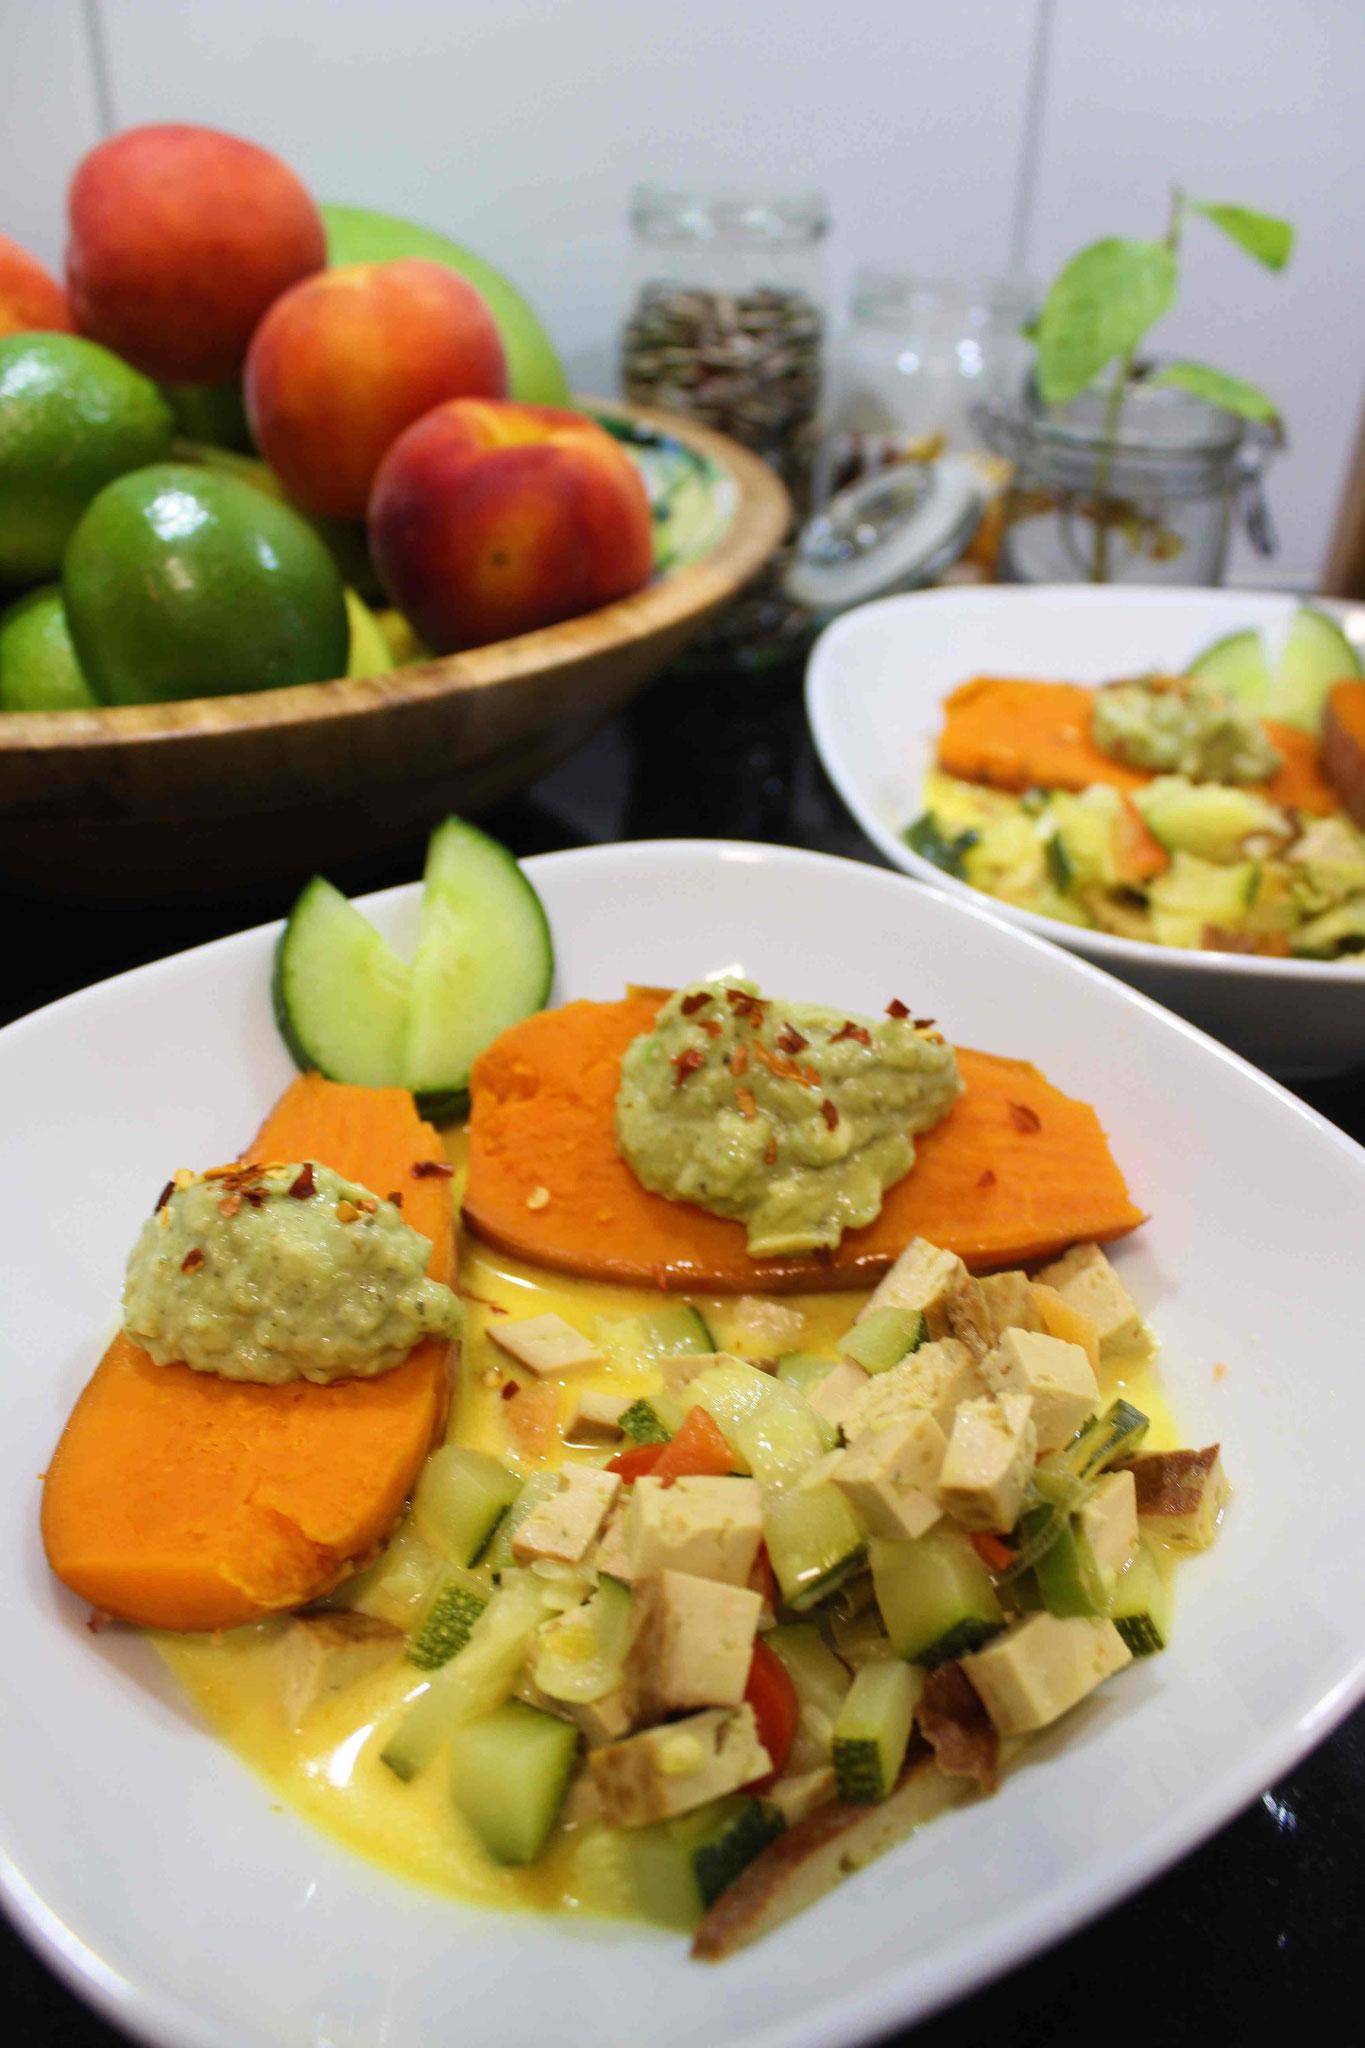 Süsskartoffeln mit Guacamole und einem Tofucurry